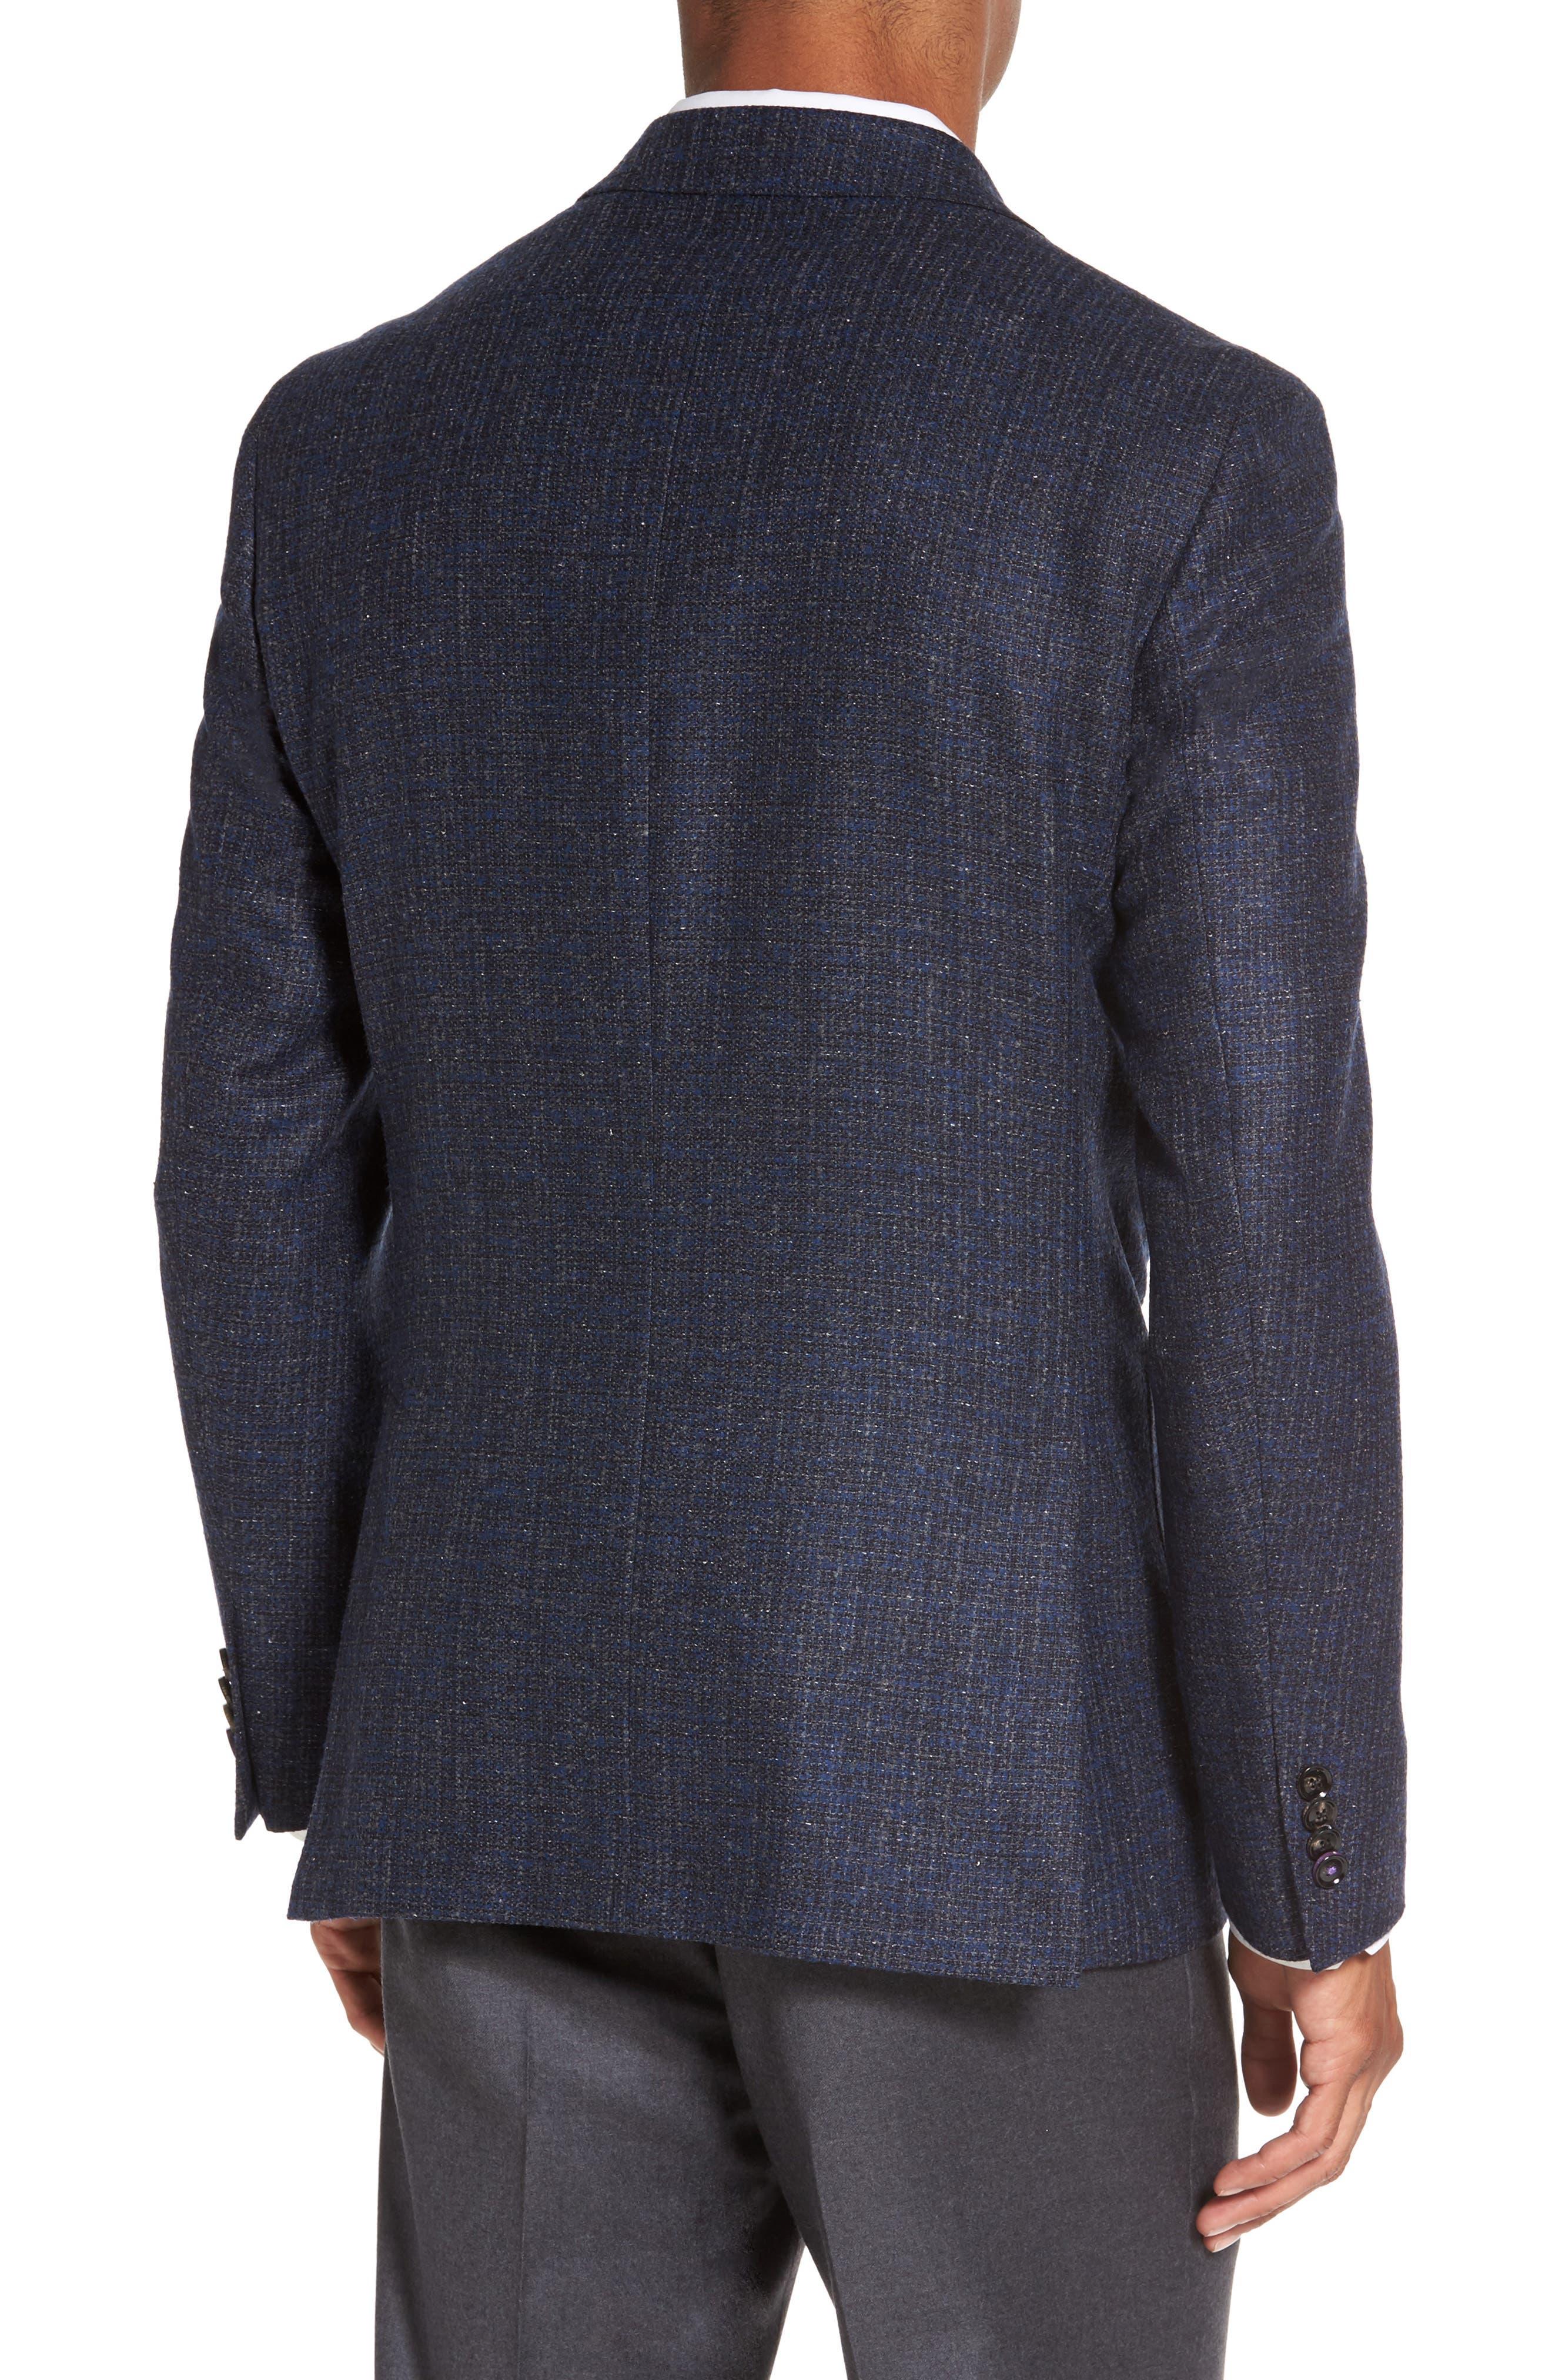 Kyle Trim Fit Wool Blend Blazer,                             Alternate thumbnail 2, color,                             400